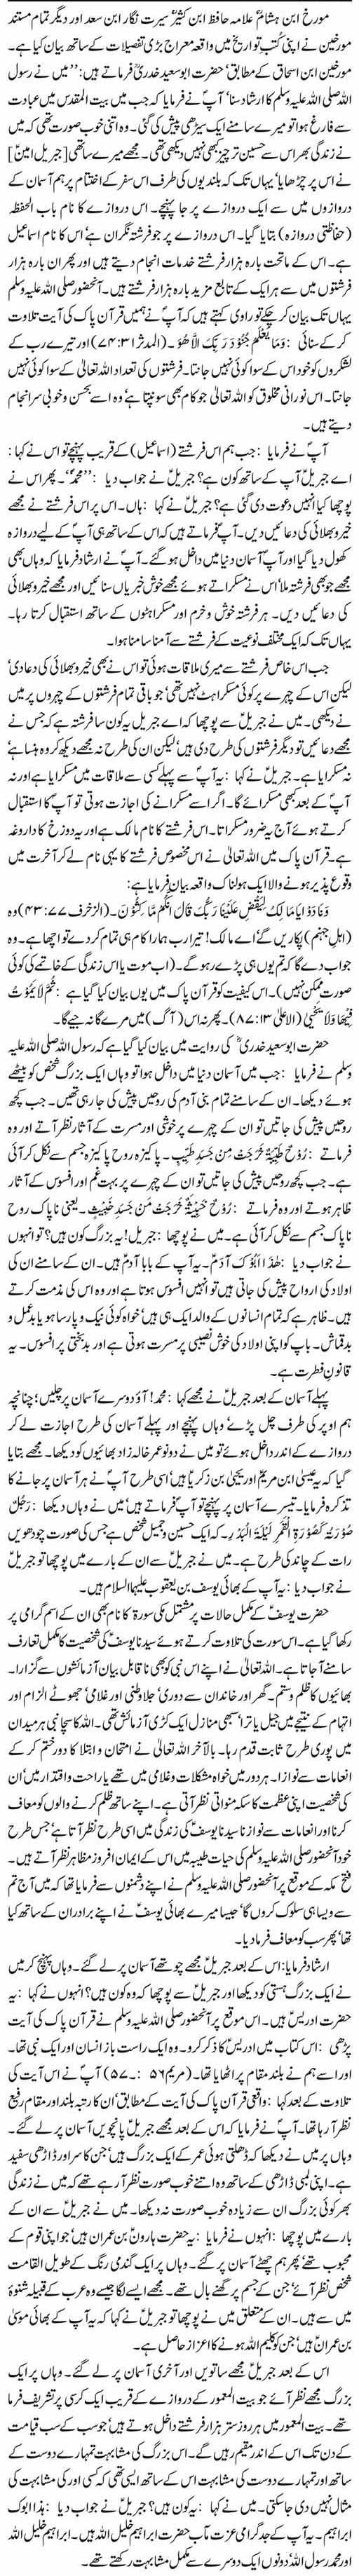 Zameen Say Arsh-e-Mualla Tak Safar